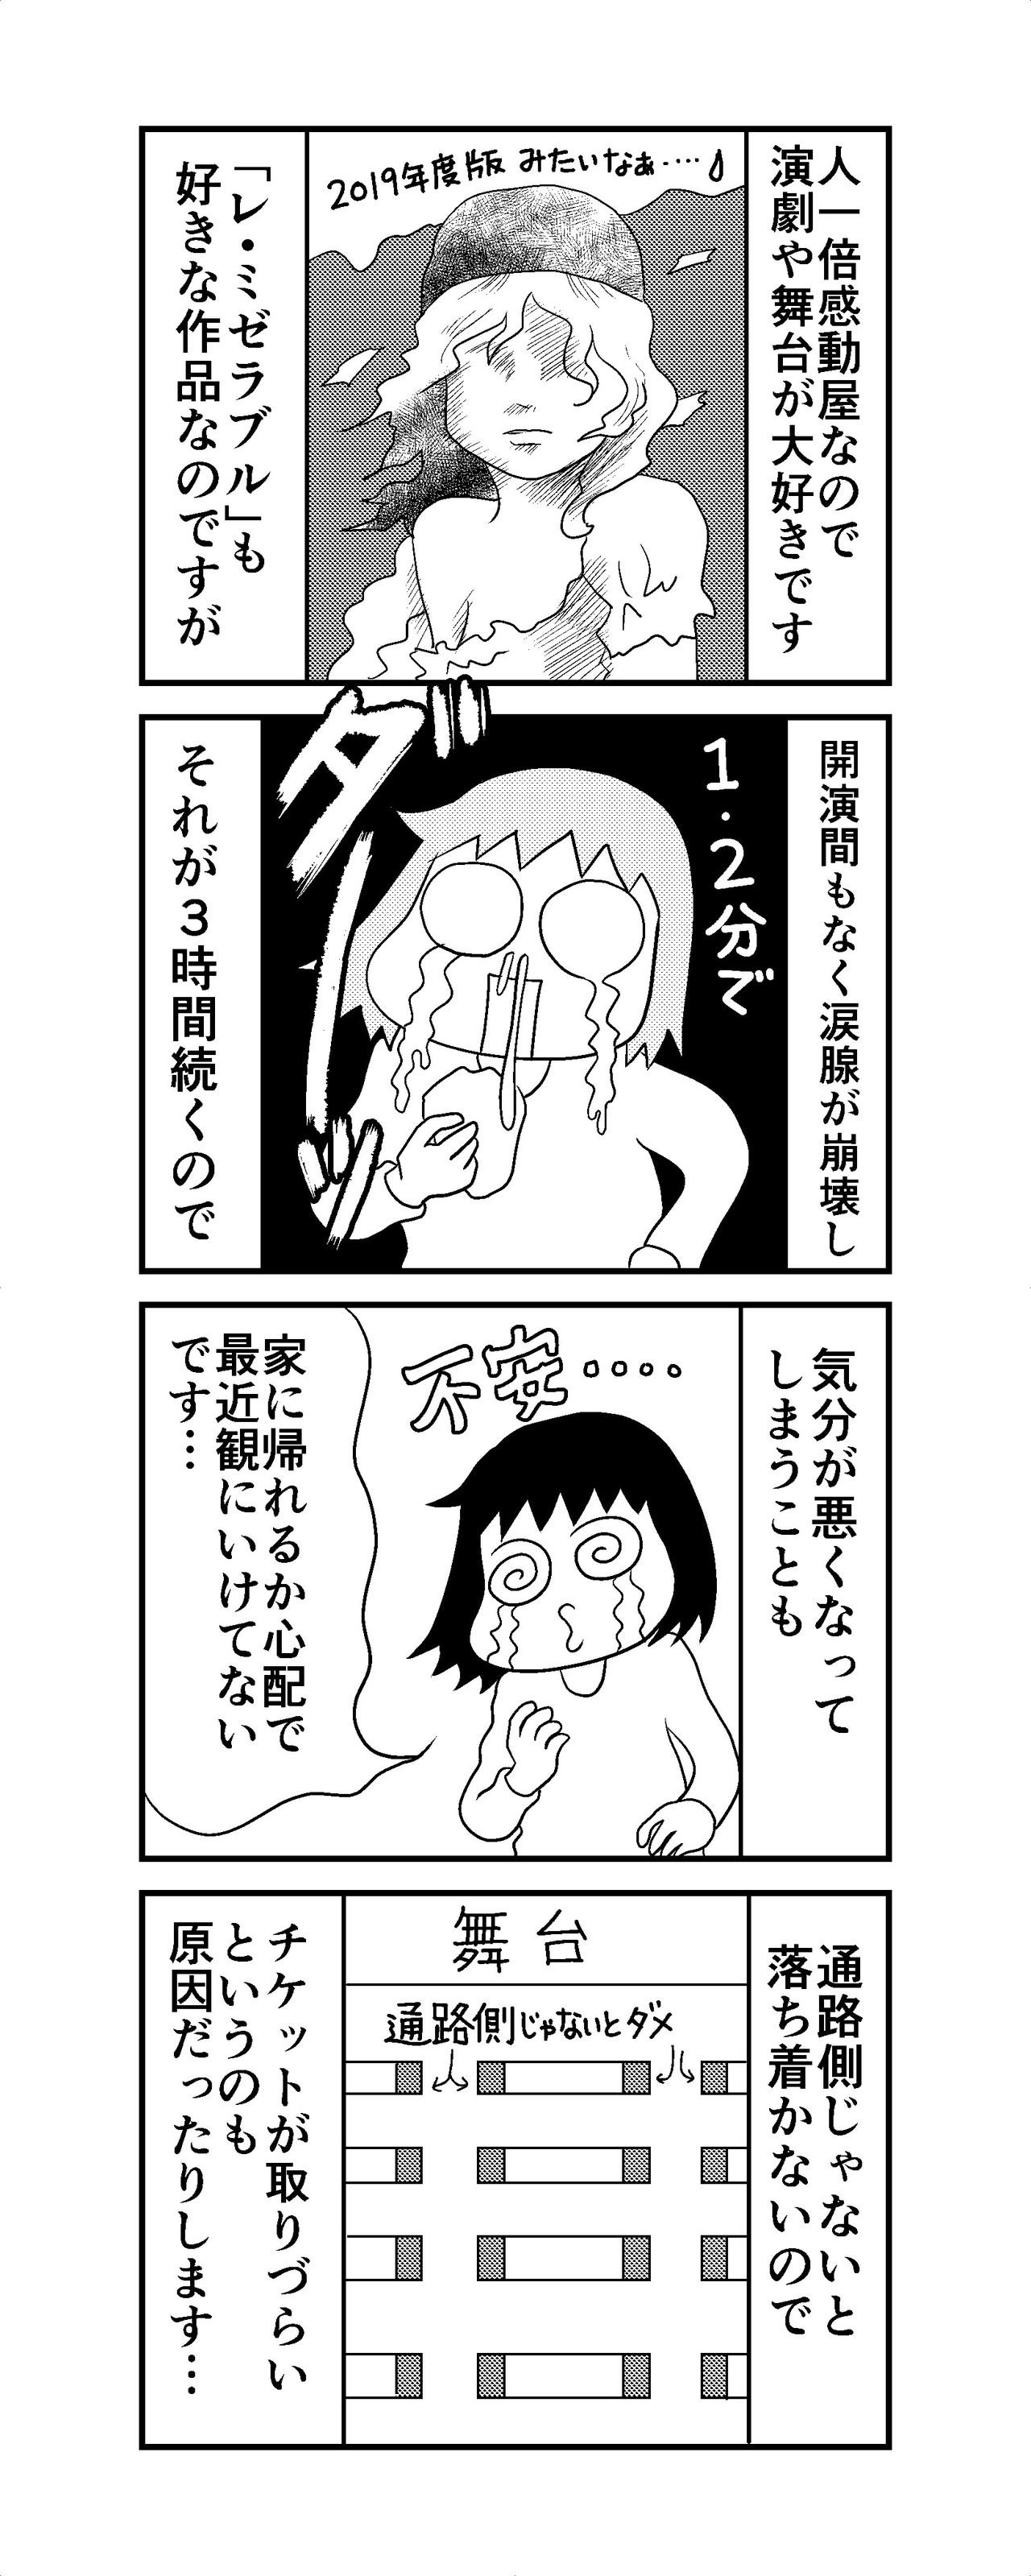 HSP_11_20完成_008